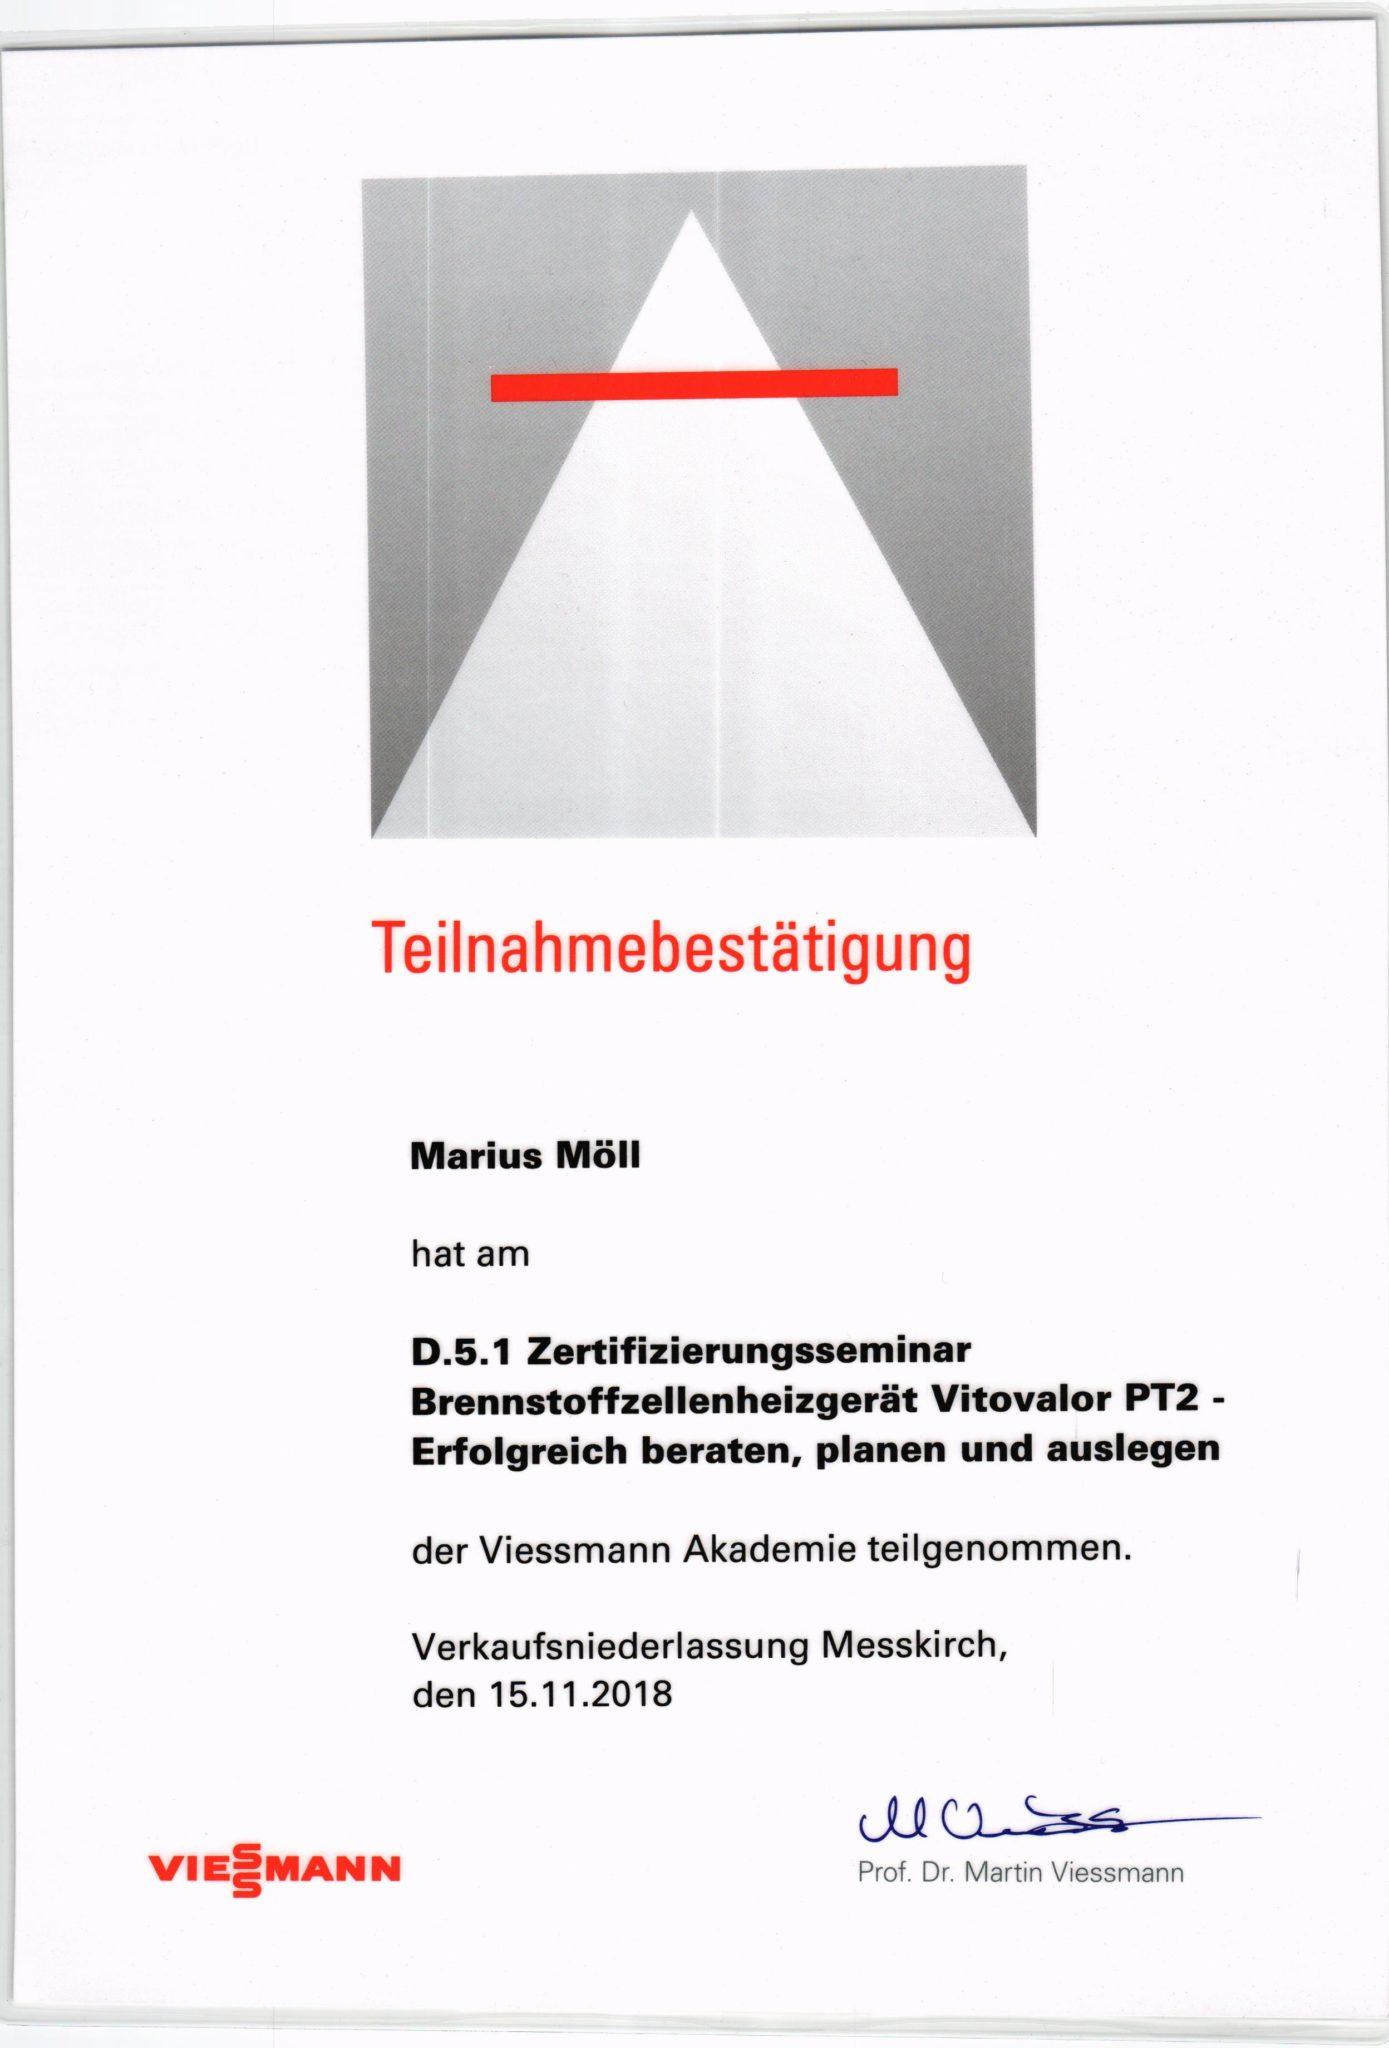 Zeftifizierungsseminar Brennstoffzellenheizgerät Vitovalor PT2